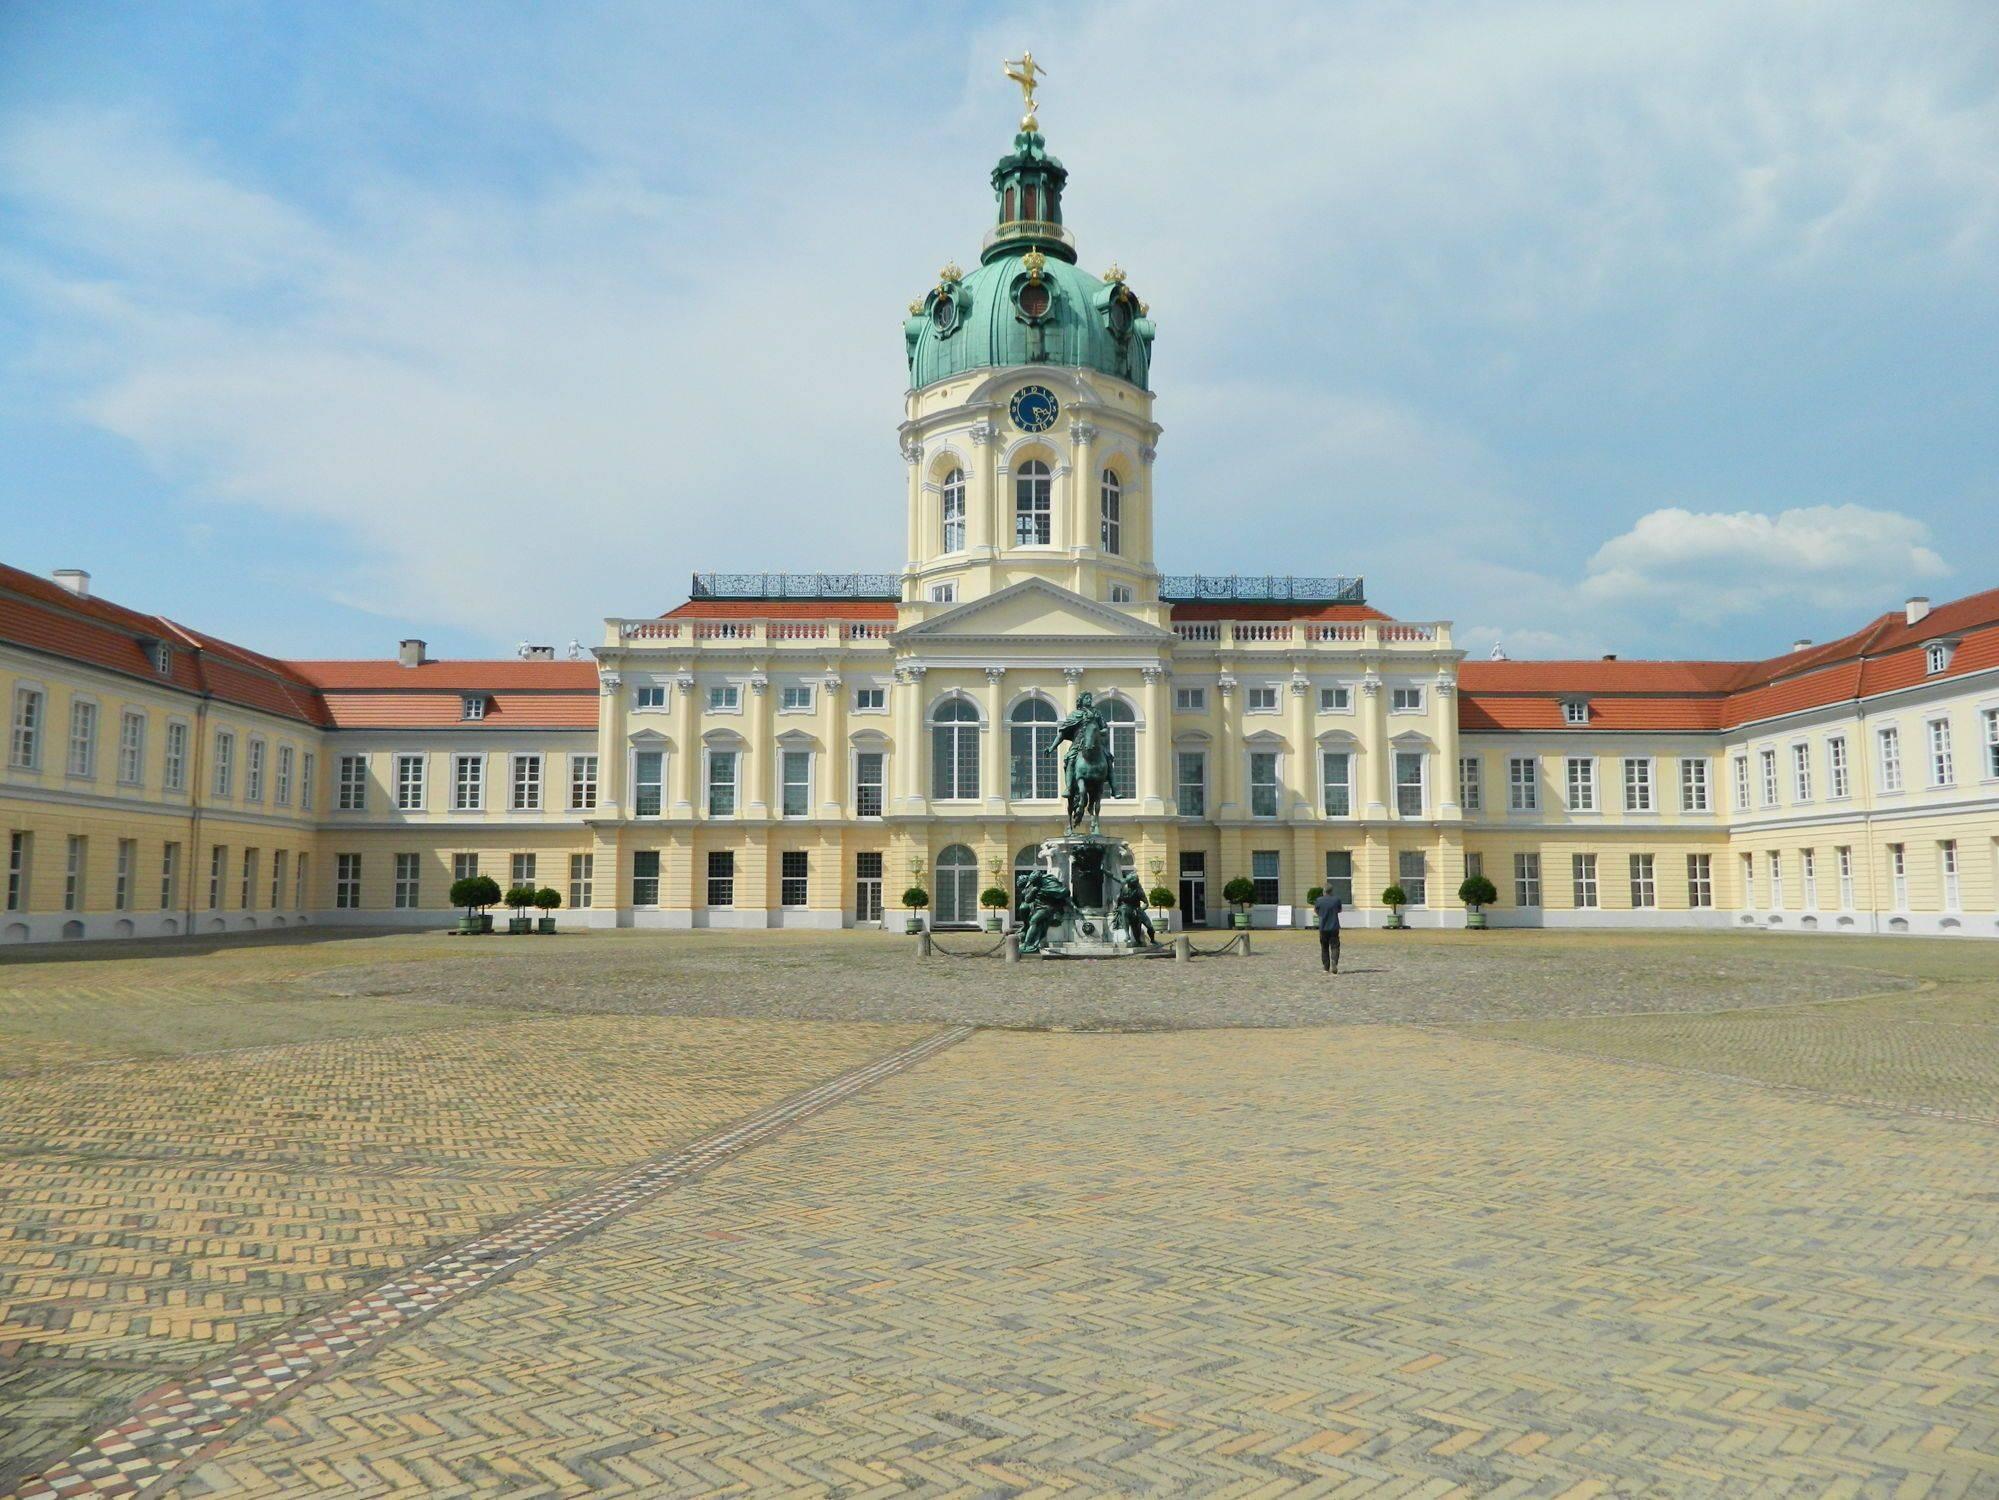 Шарлотенбург-вильмельсдорф, берлин, германия: лучшие достопримечательности, чем заняться, рестораны, советы и отзывы туристов